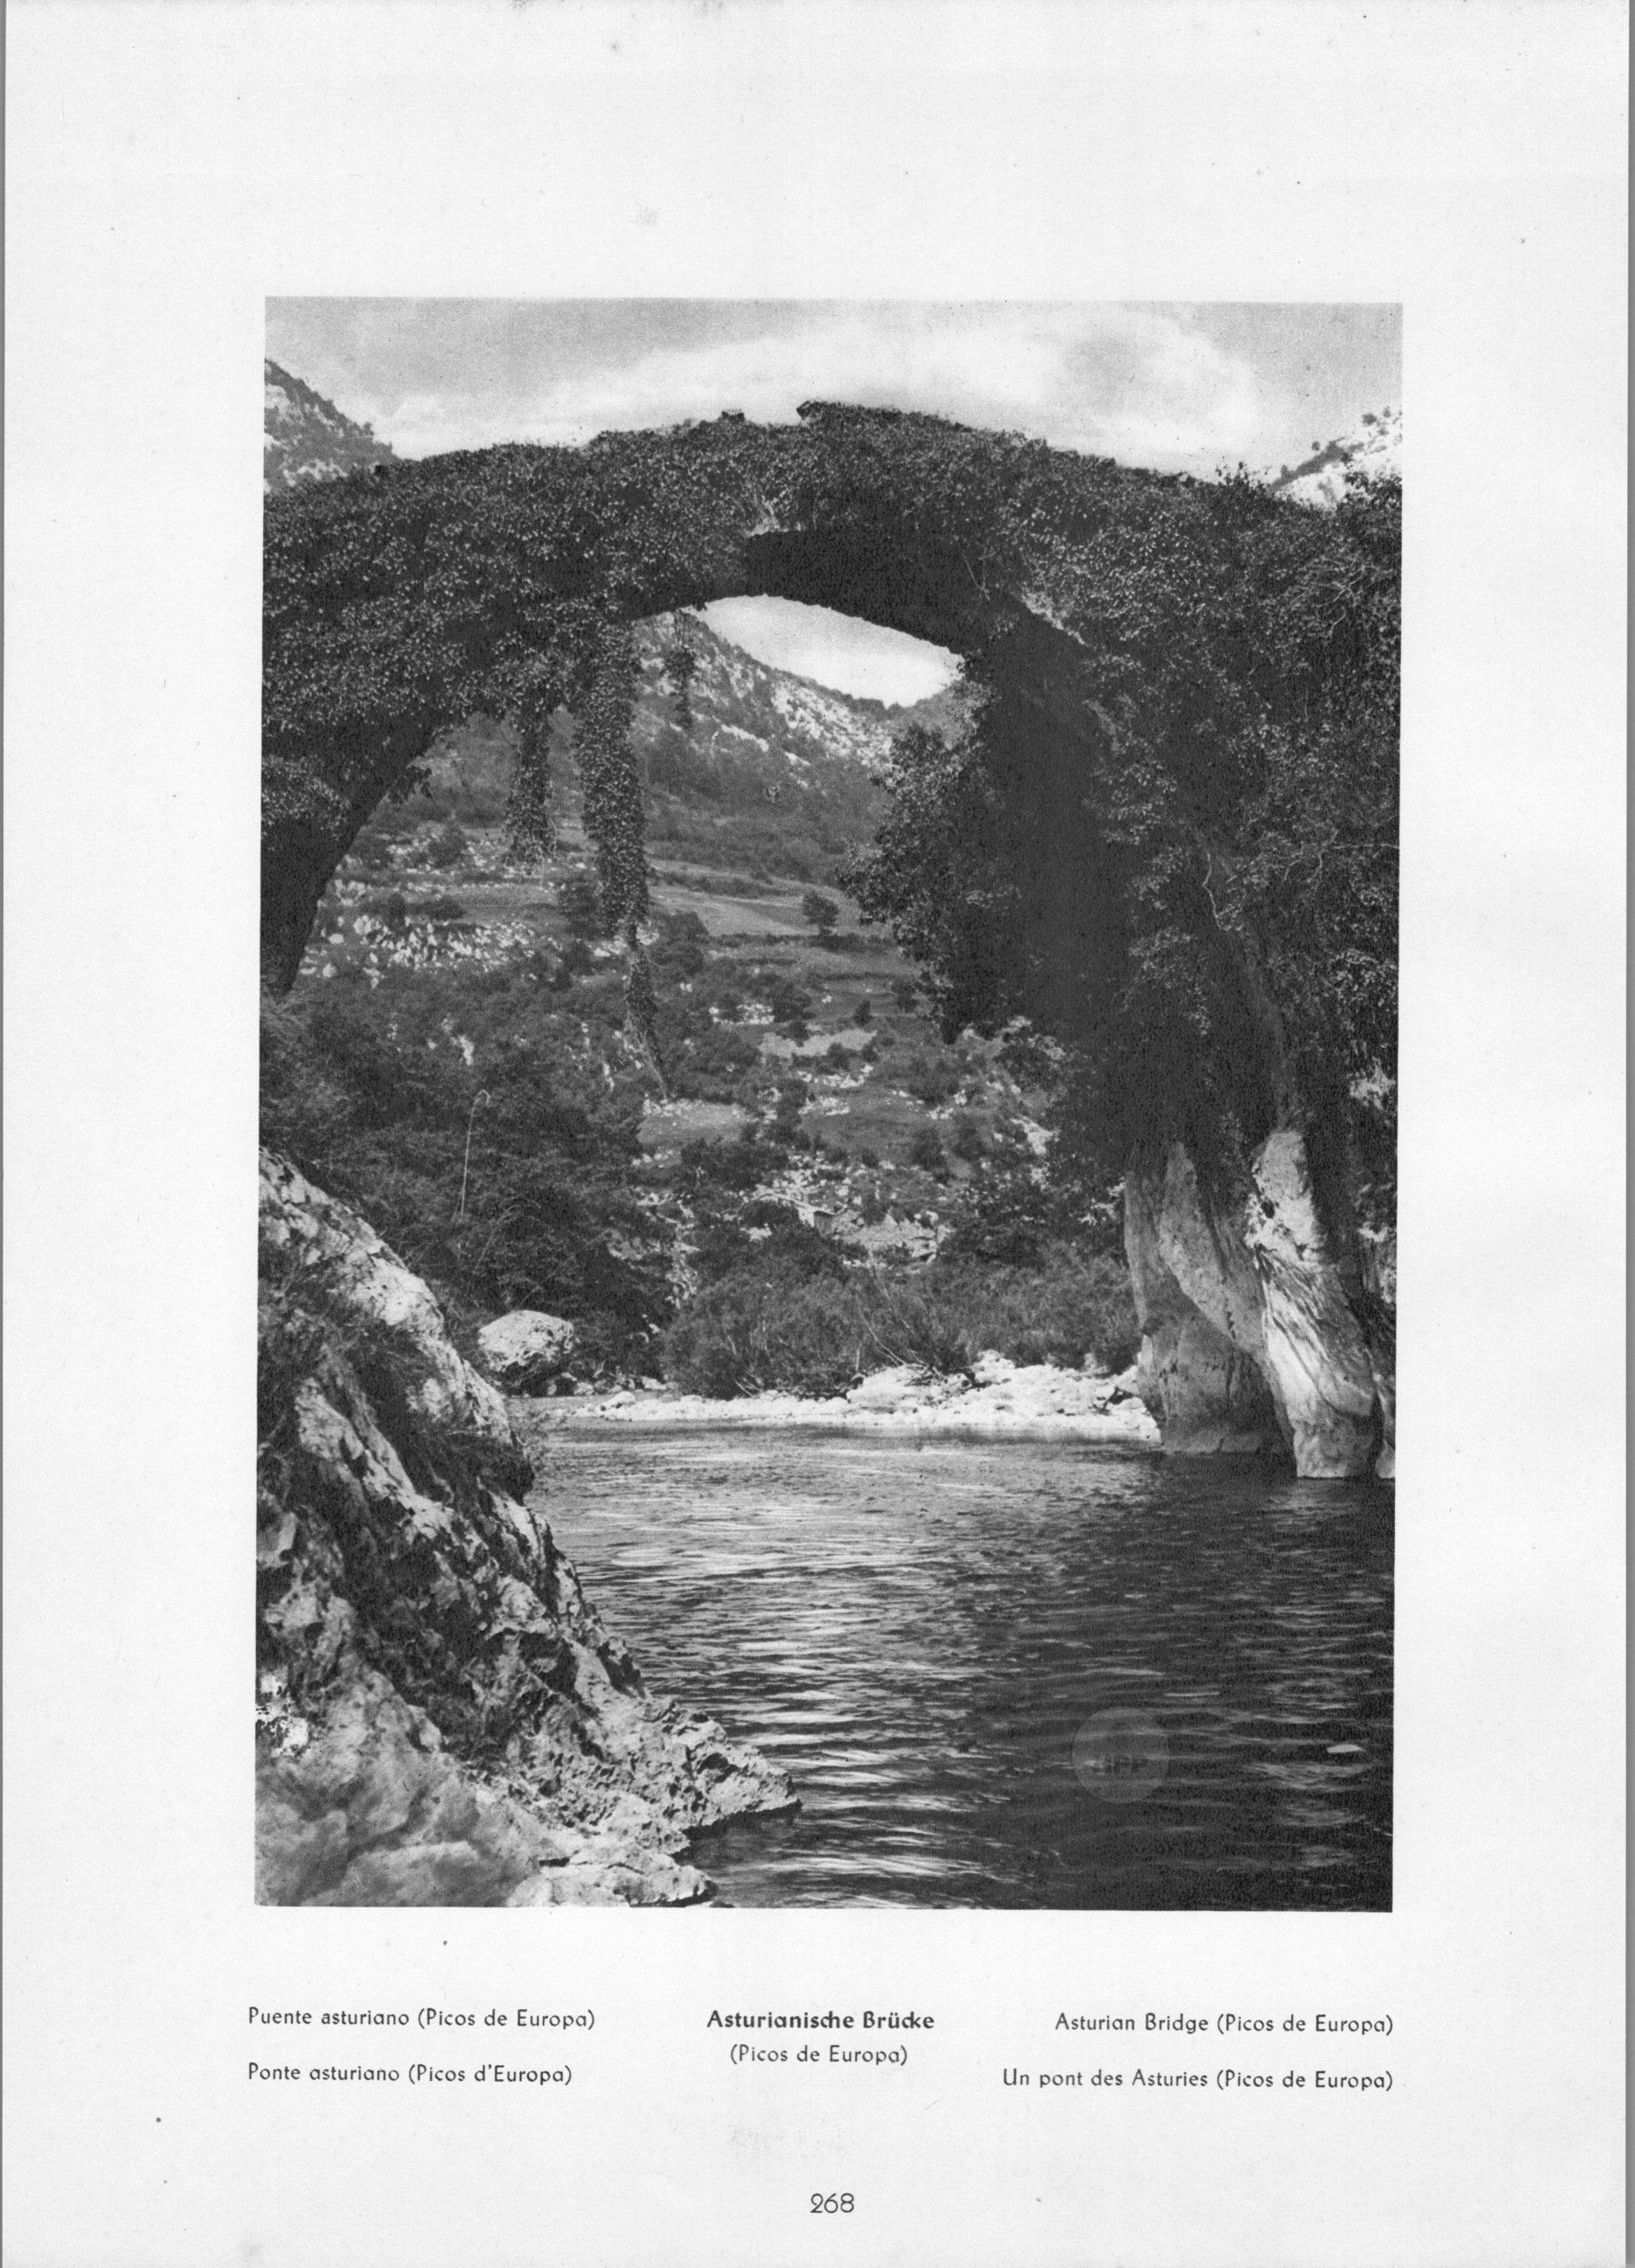 Asturias los Picos de Europa - Puente